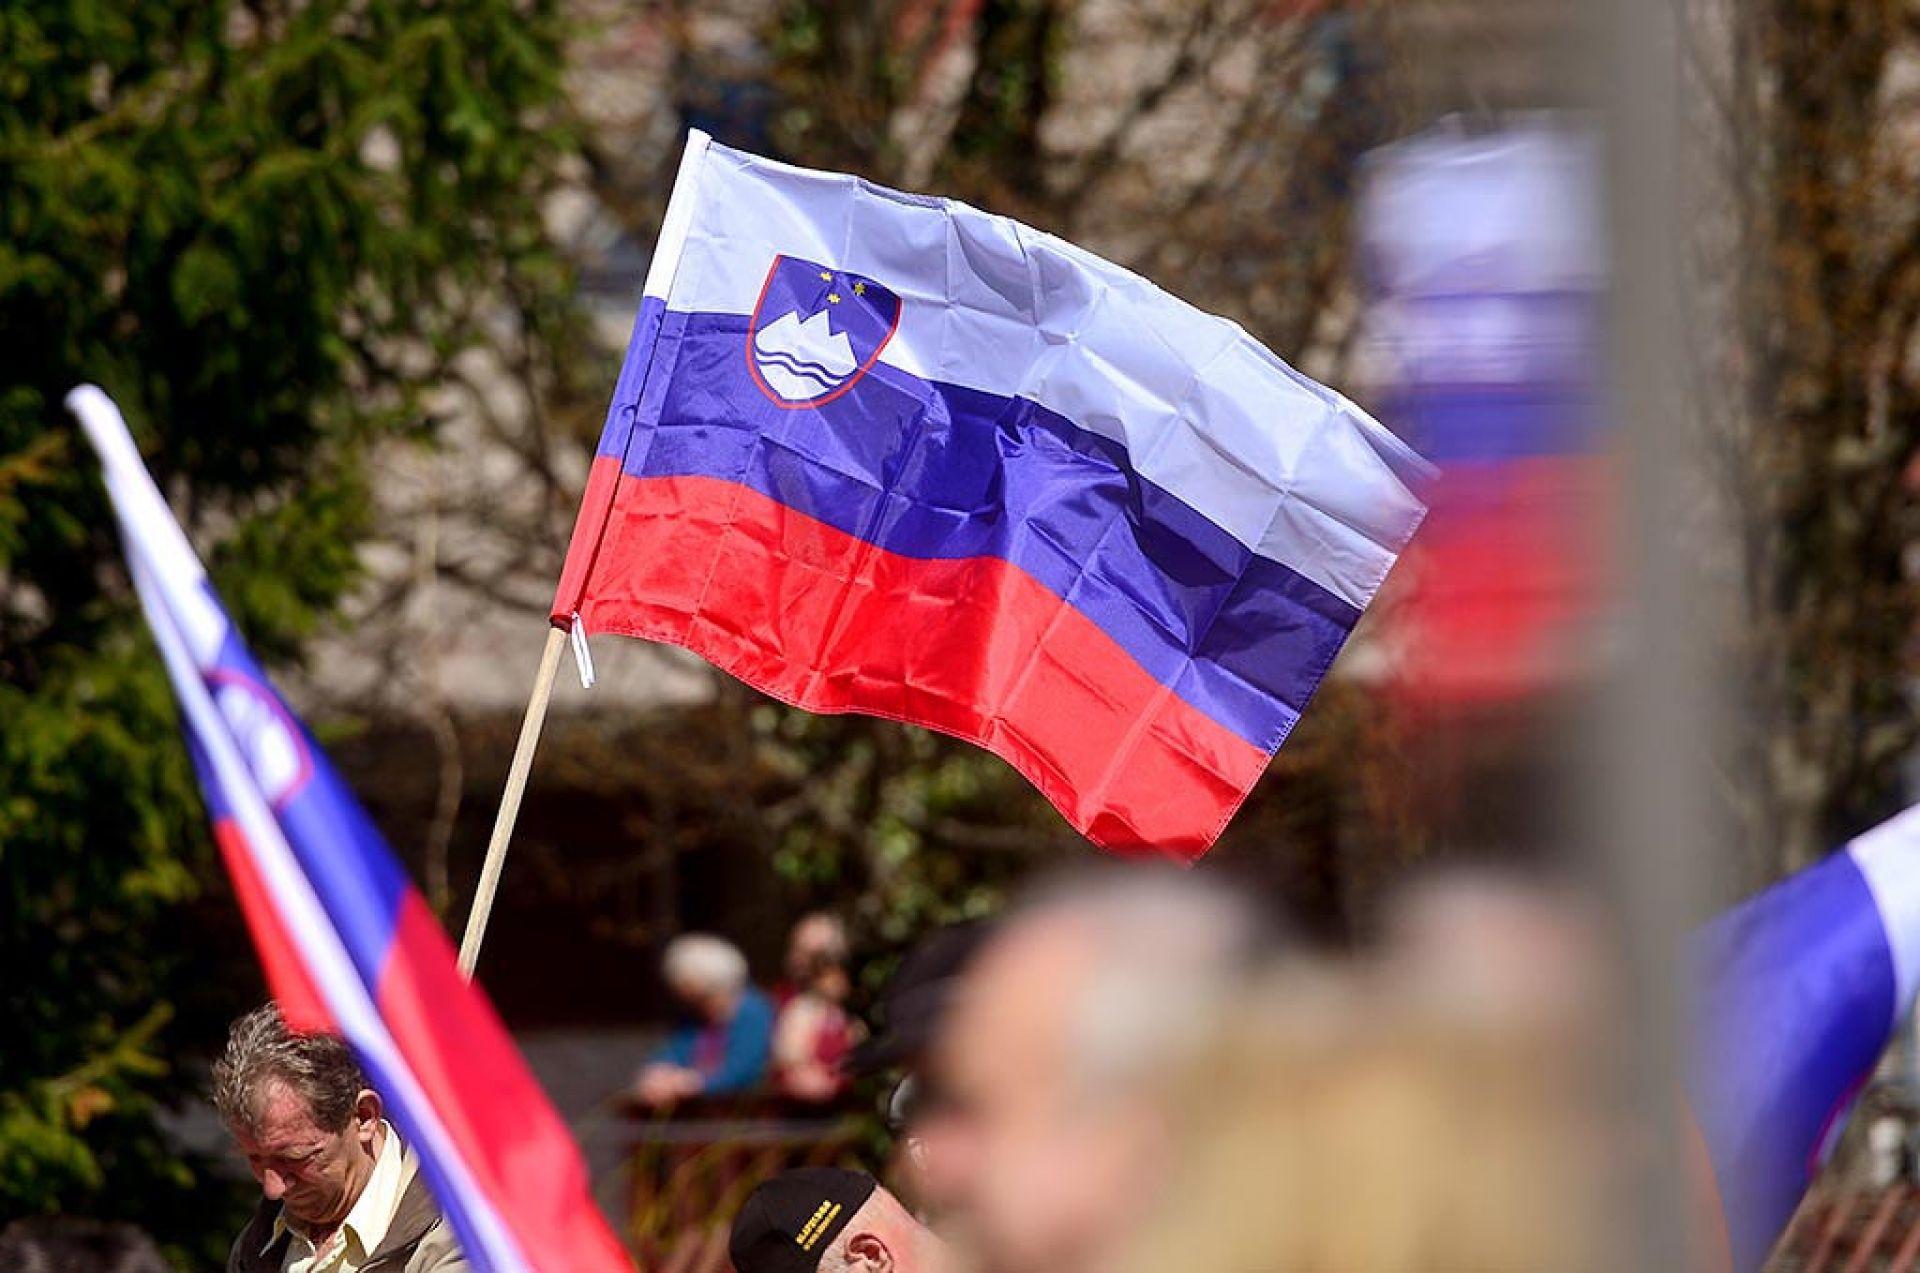 Stoprva obletnica združitve prekmurskih Slovencev z matičnim narodom